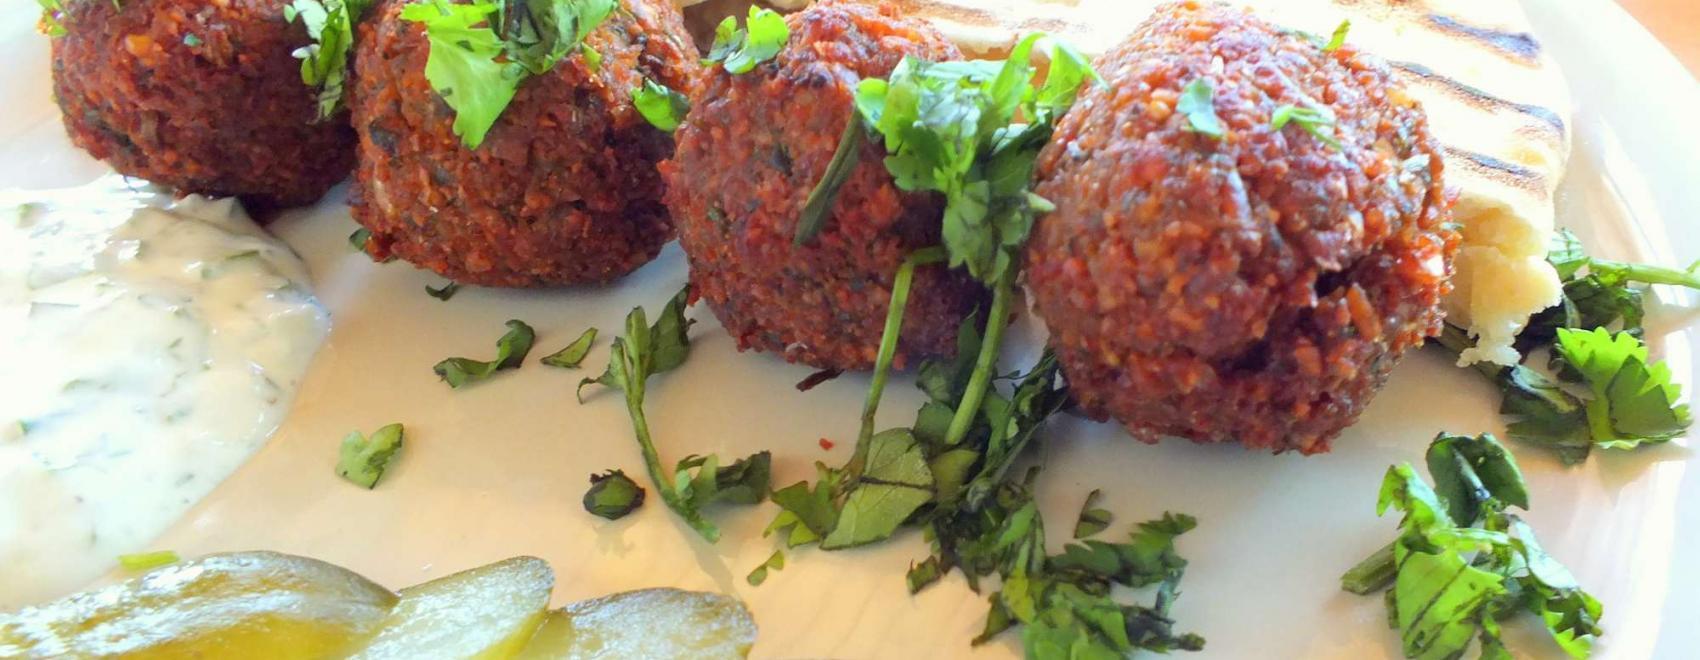 Recipe For Falafel